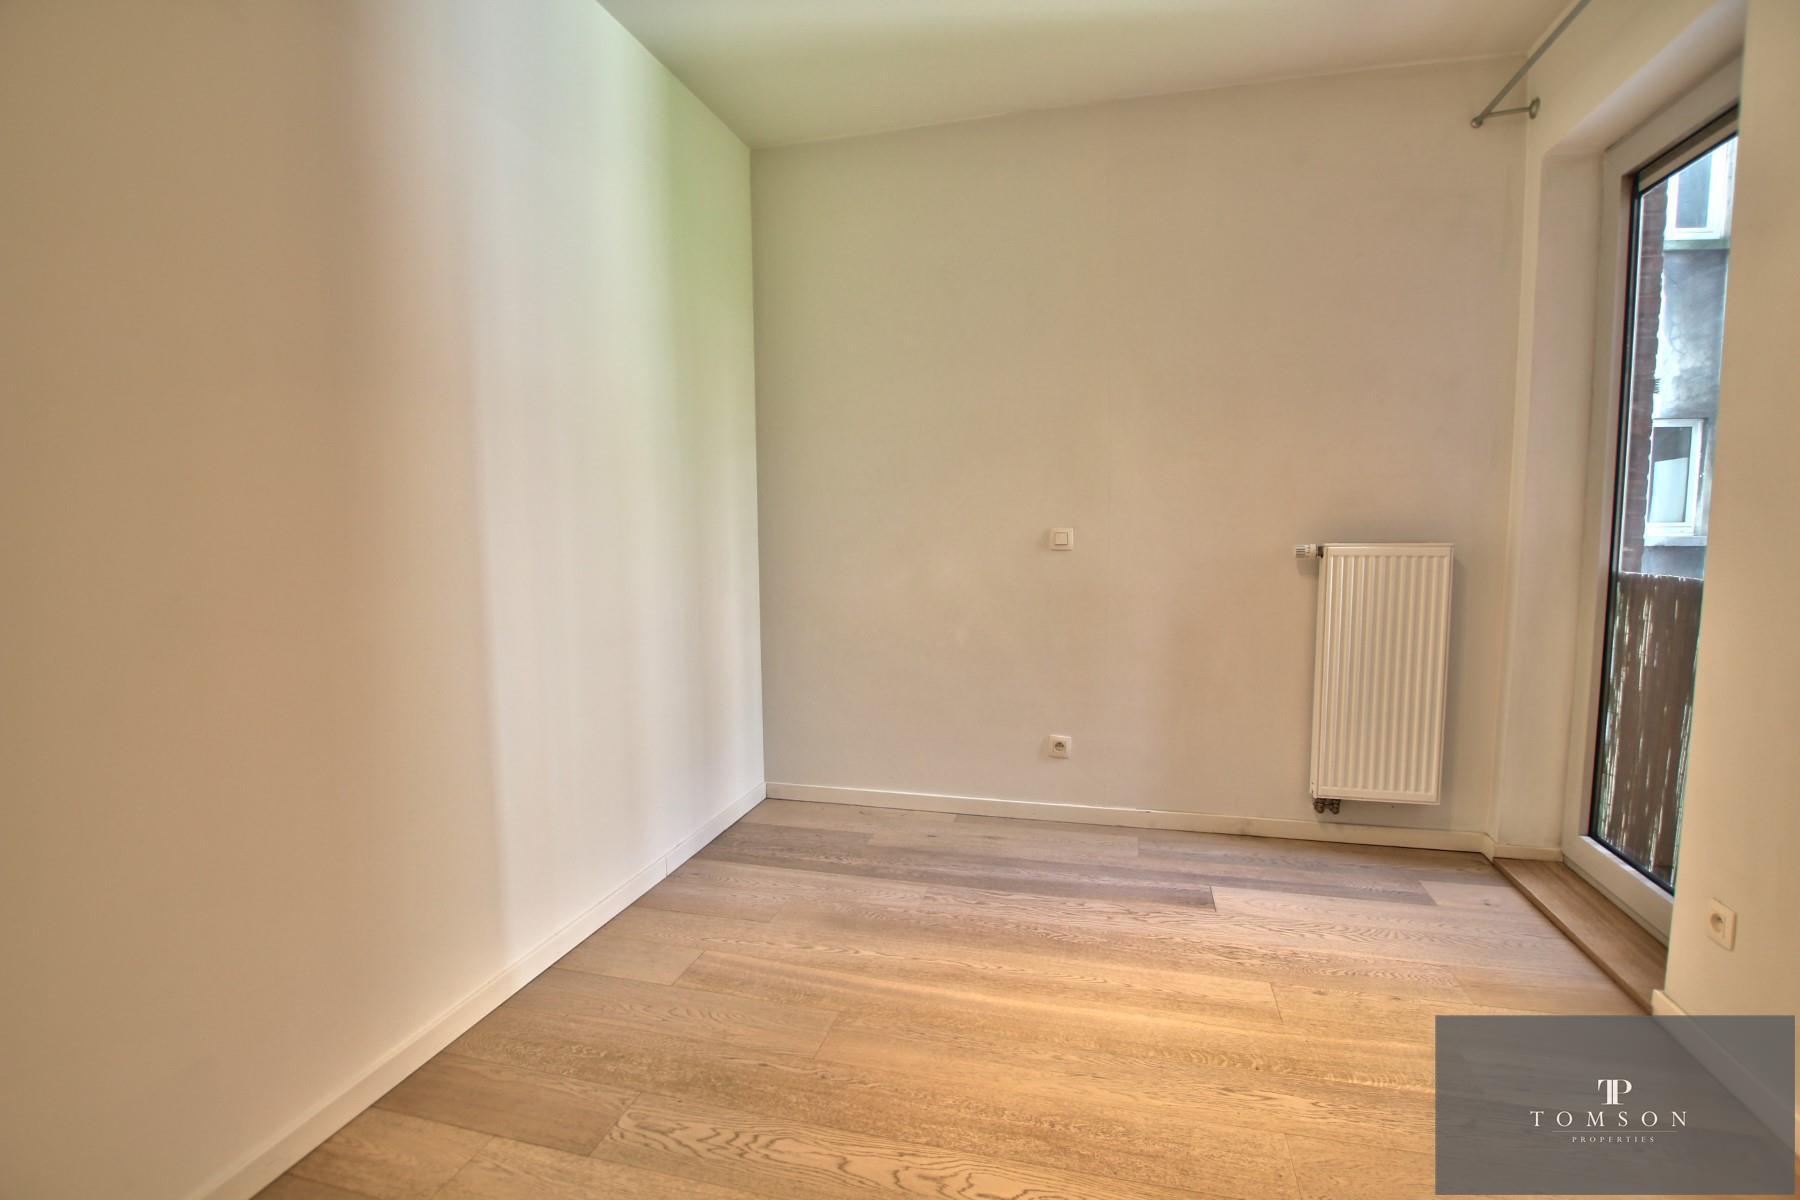 Flat - Schaerbeek - #4320084-4